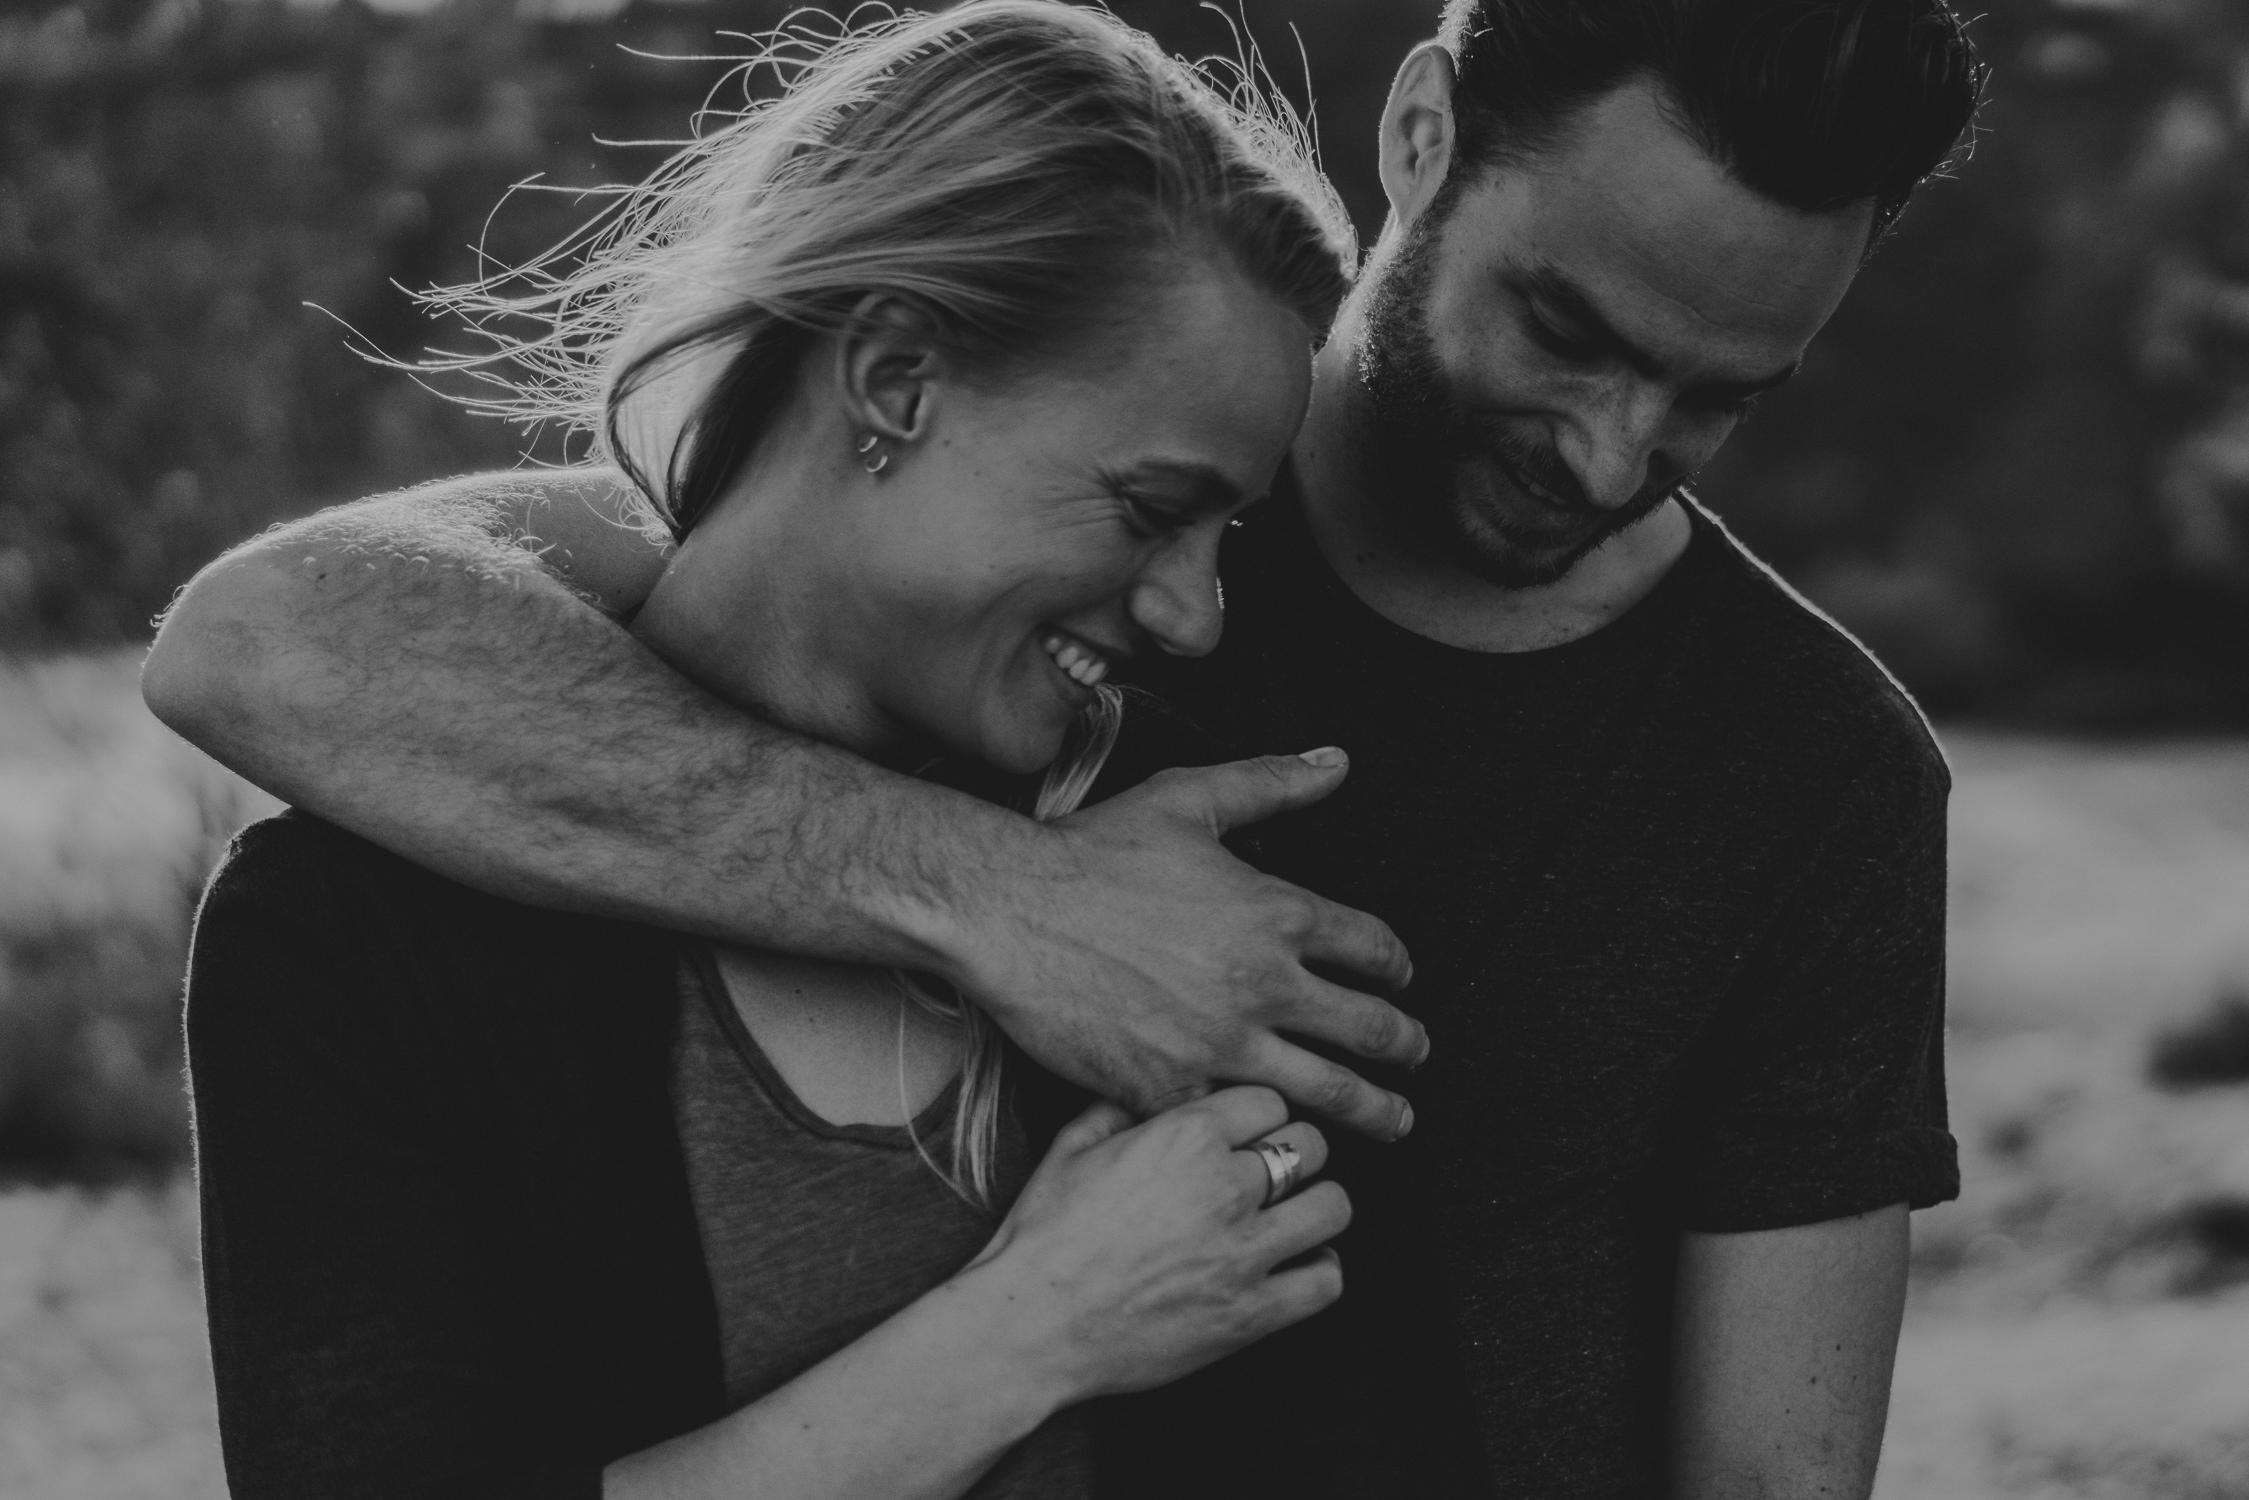 prachtige verloving fotoshoot amsterdam door mark hadden huwelijksfotograaf